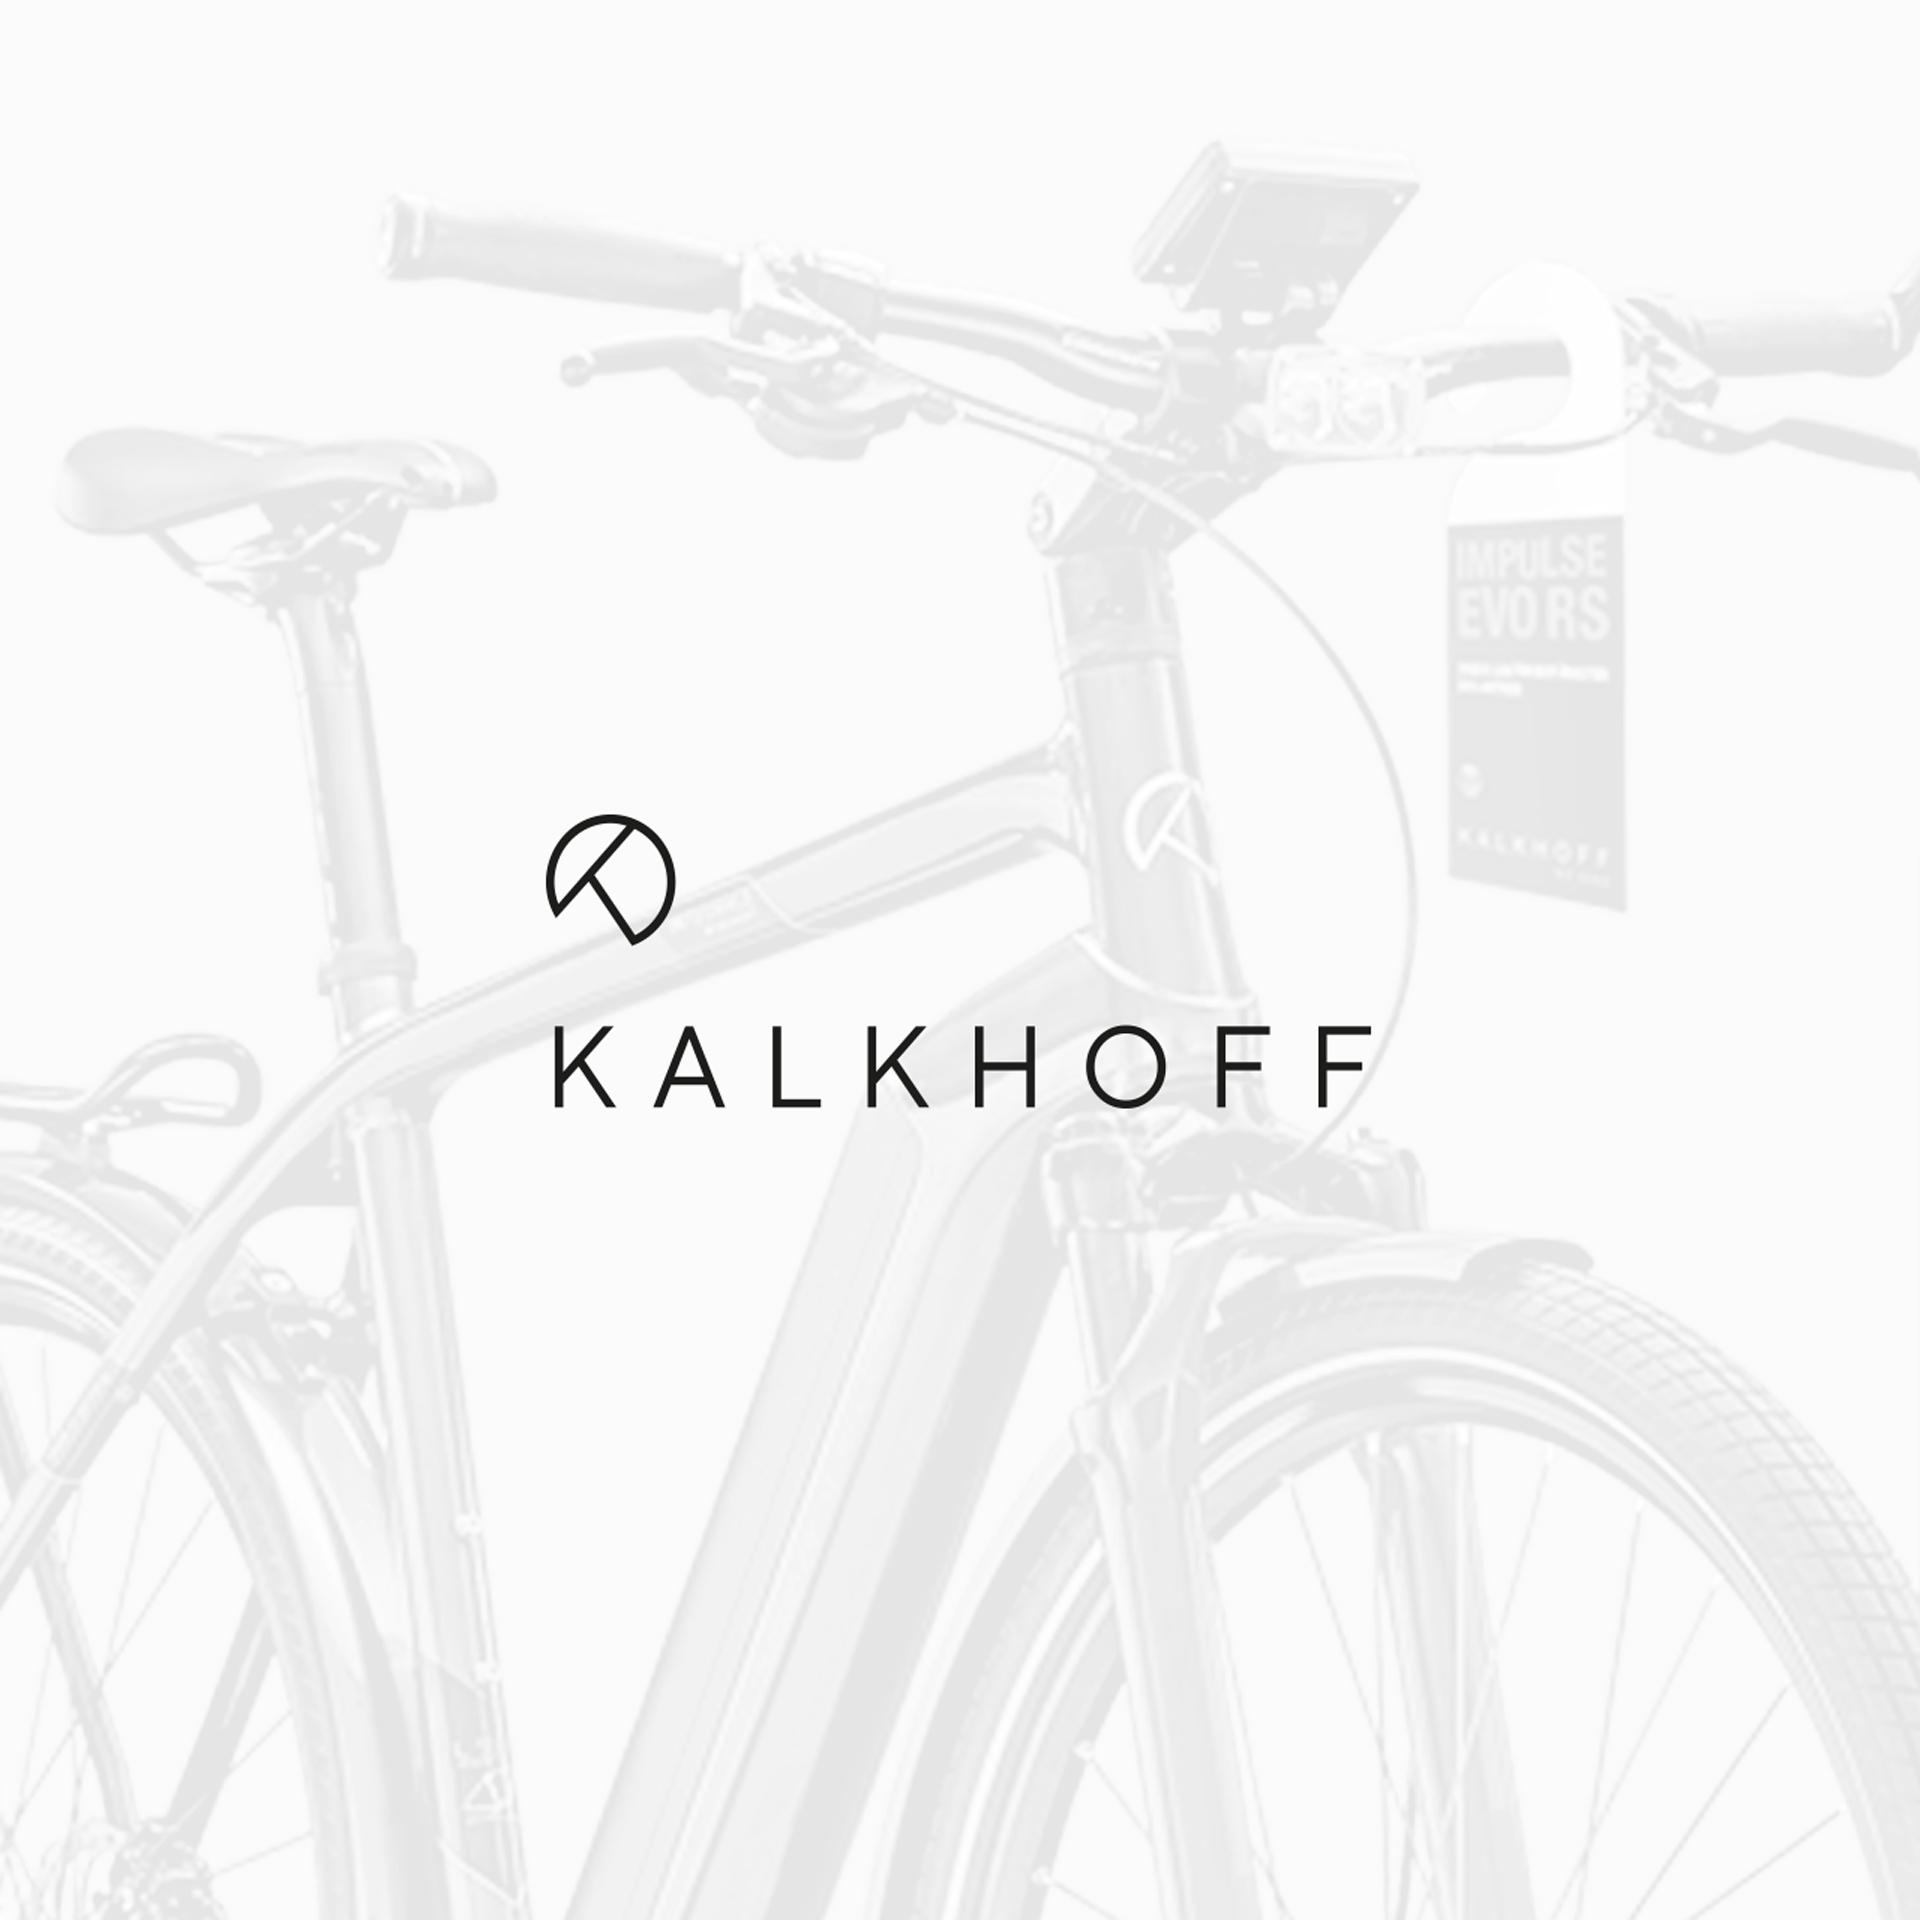 Referenz Kalkhoff